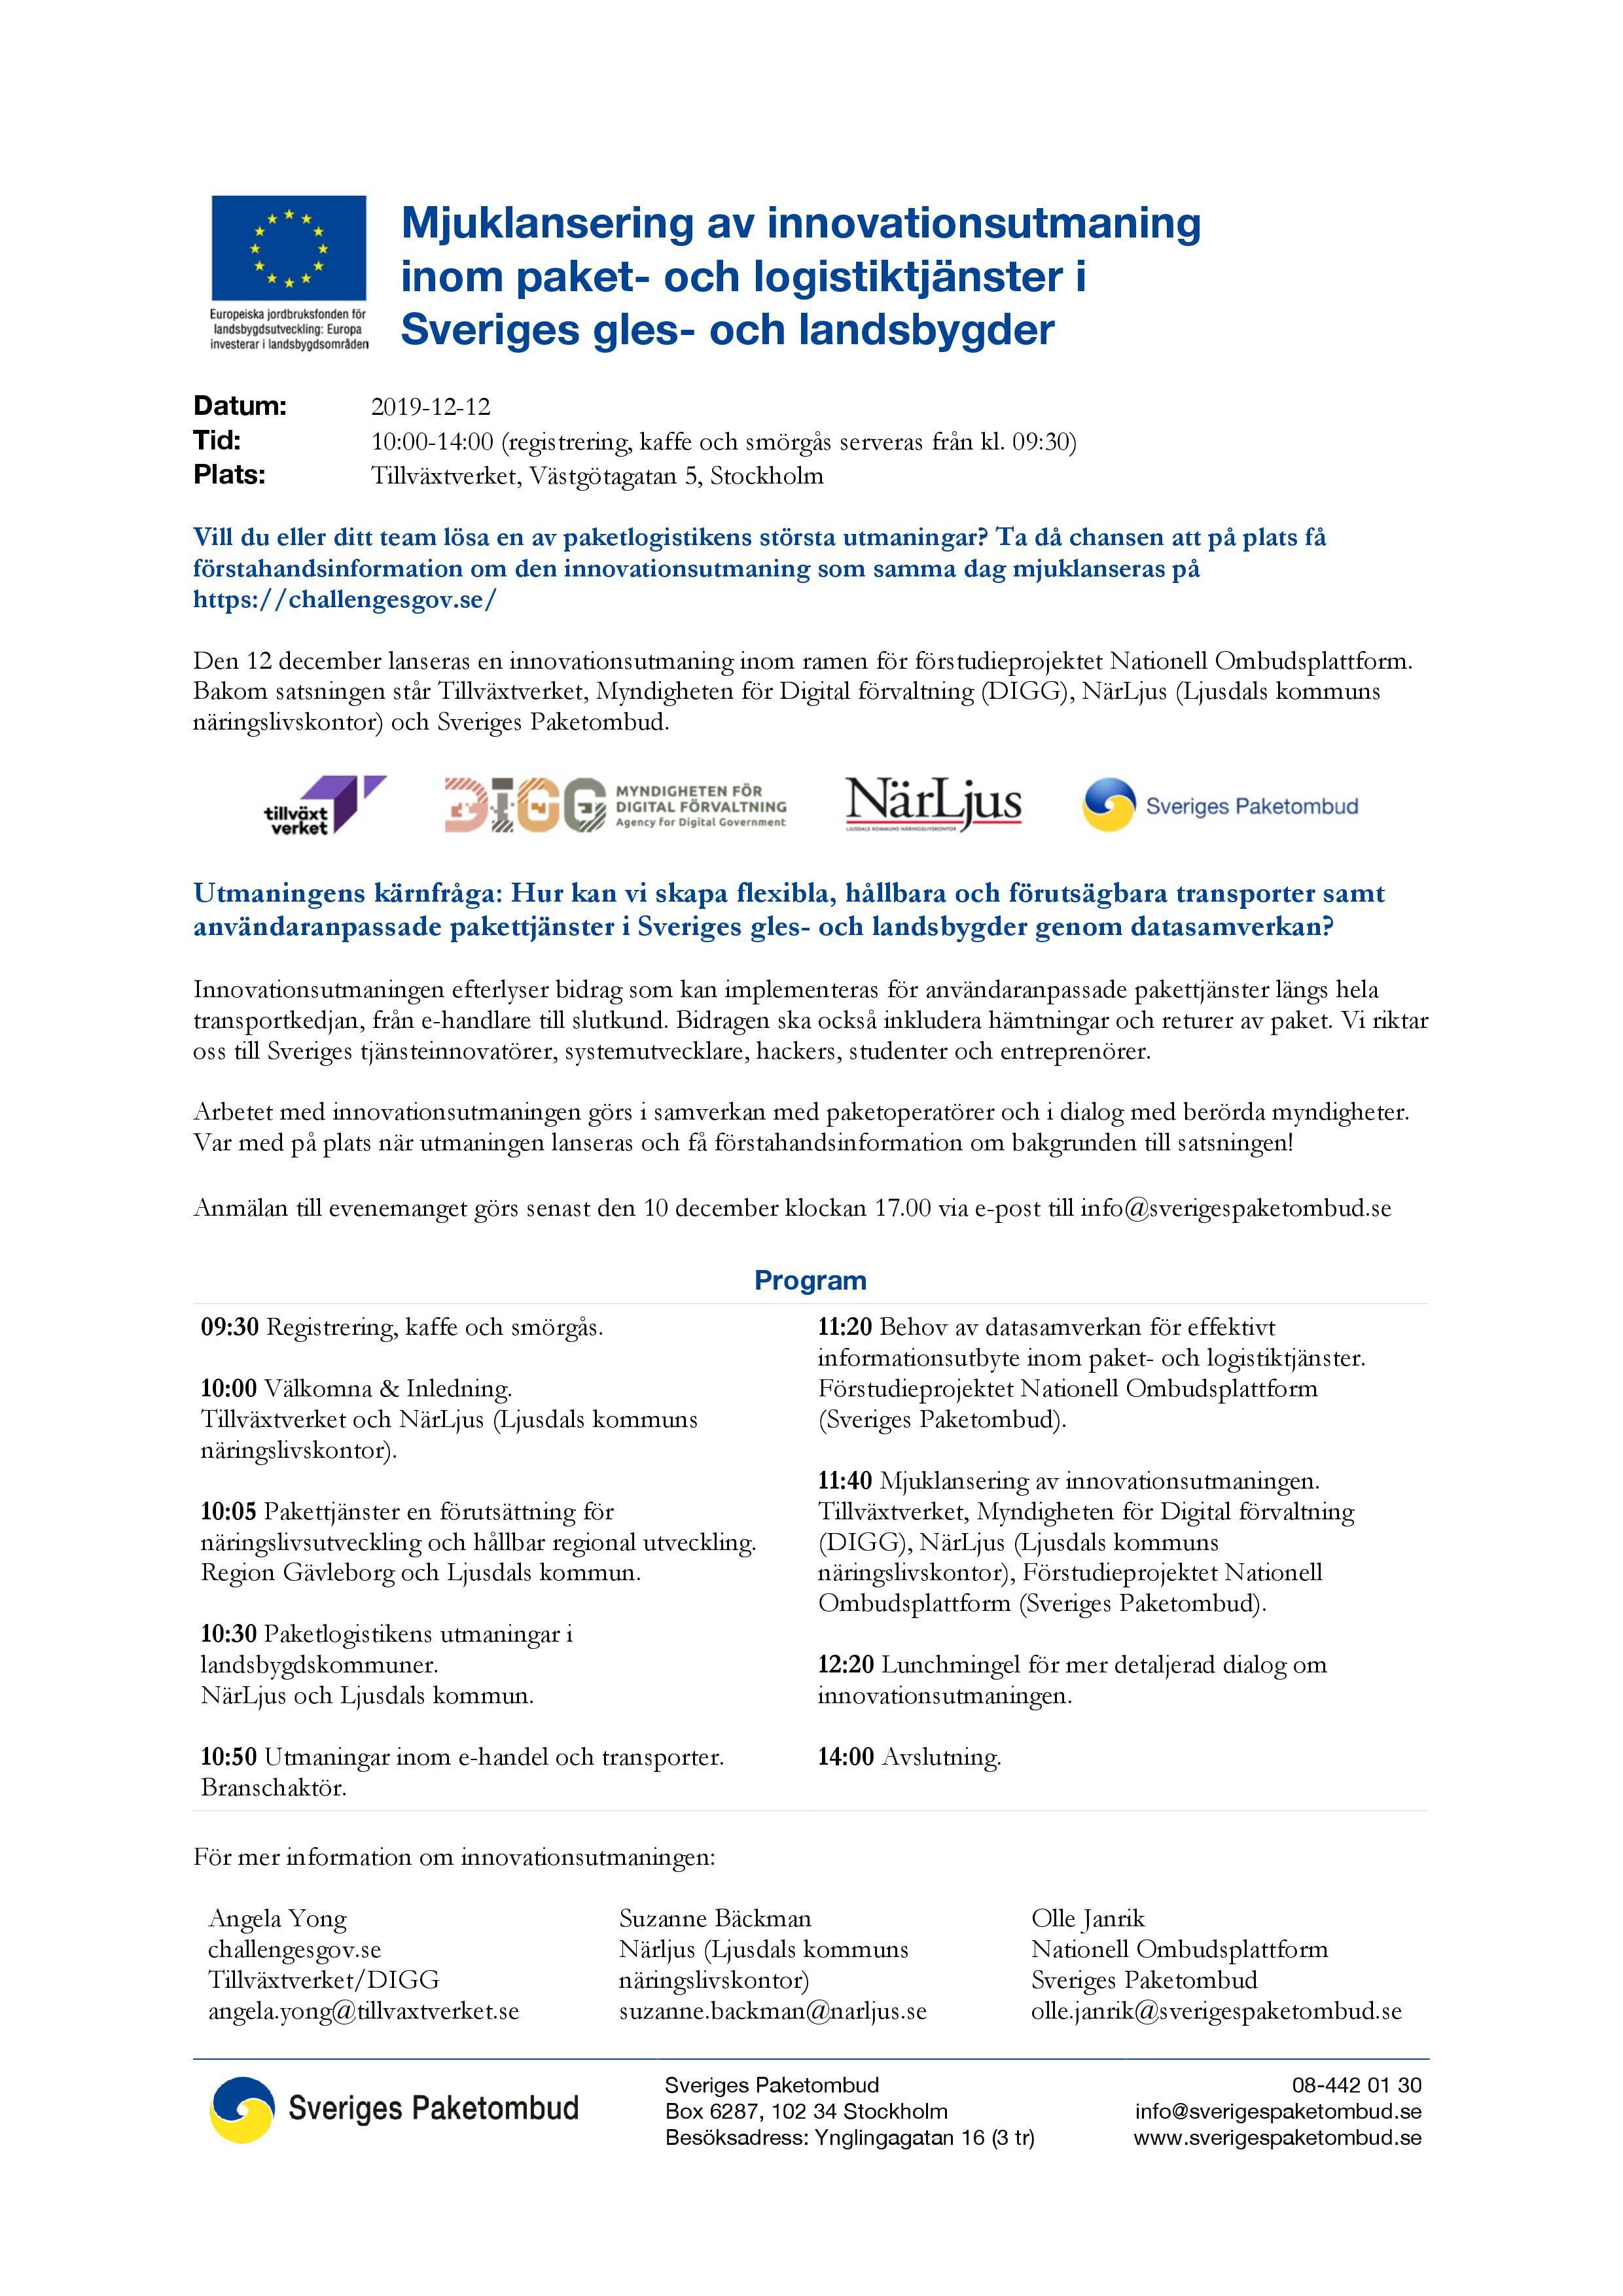 PRM Innovationsutmaning